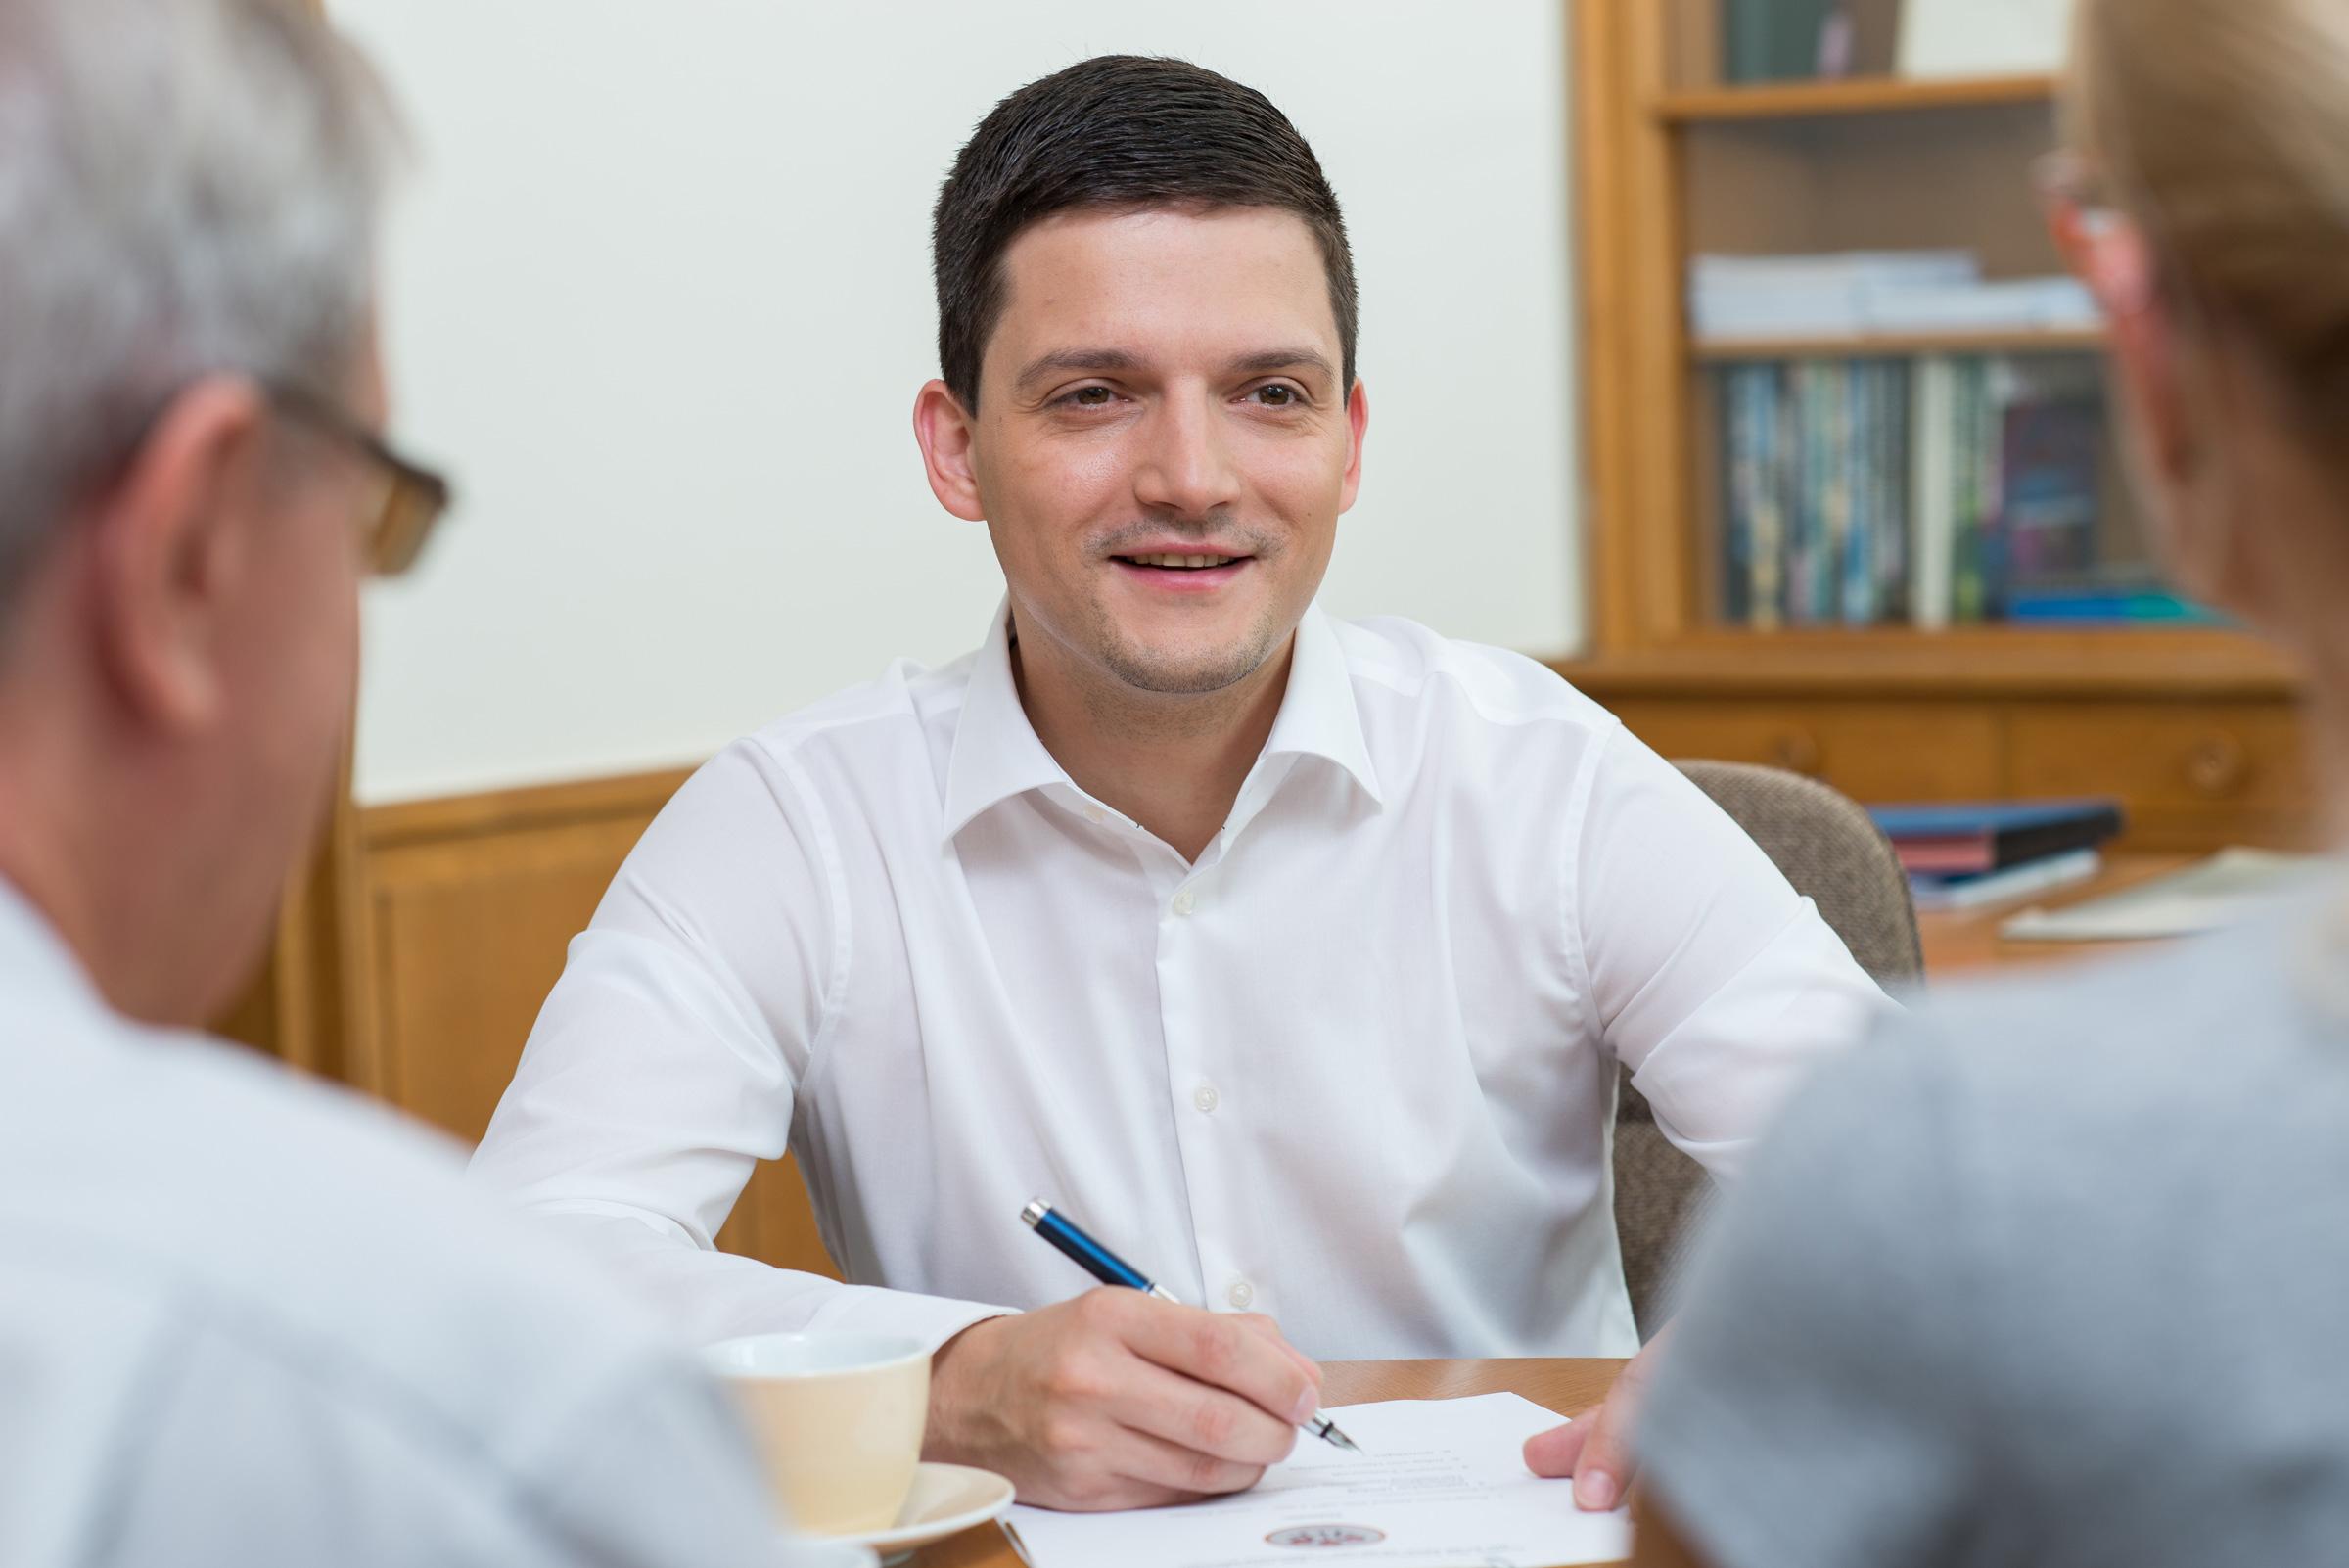 Bürgersprechstunde mit Bürgermeister Greiber im Rathaus Wadgassen